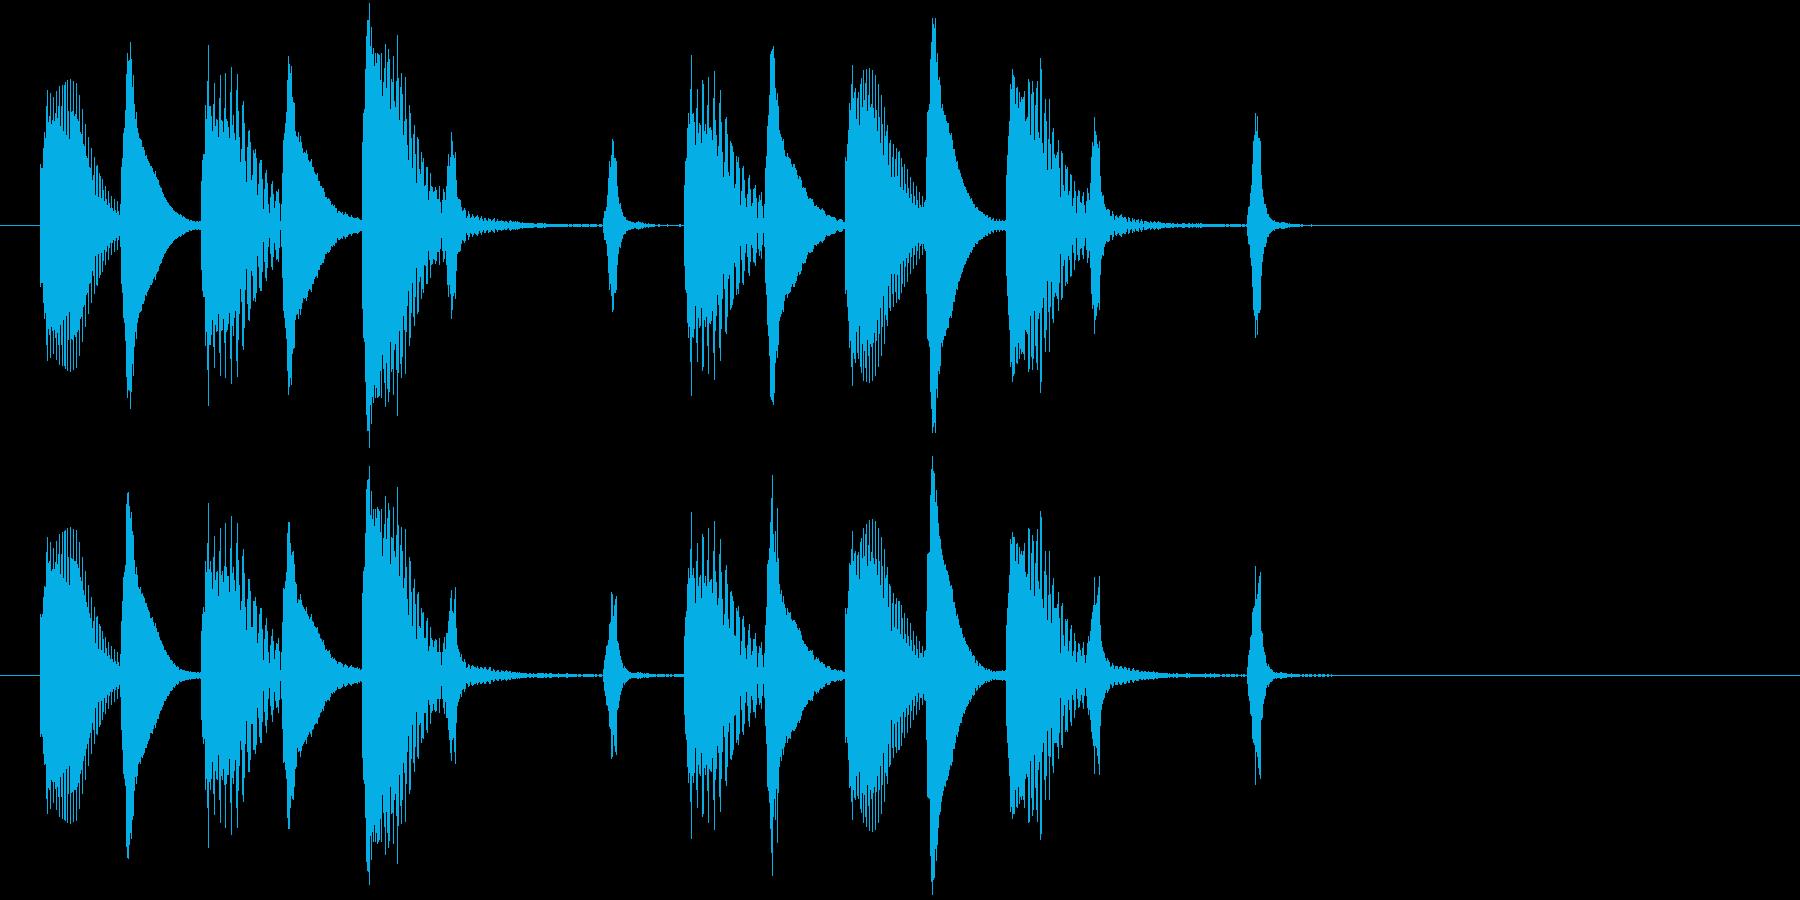 木琴の音が特徴のほのぼのとしたジングルの再生済みの波形